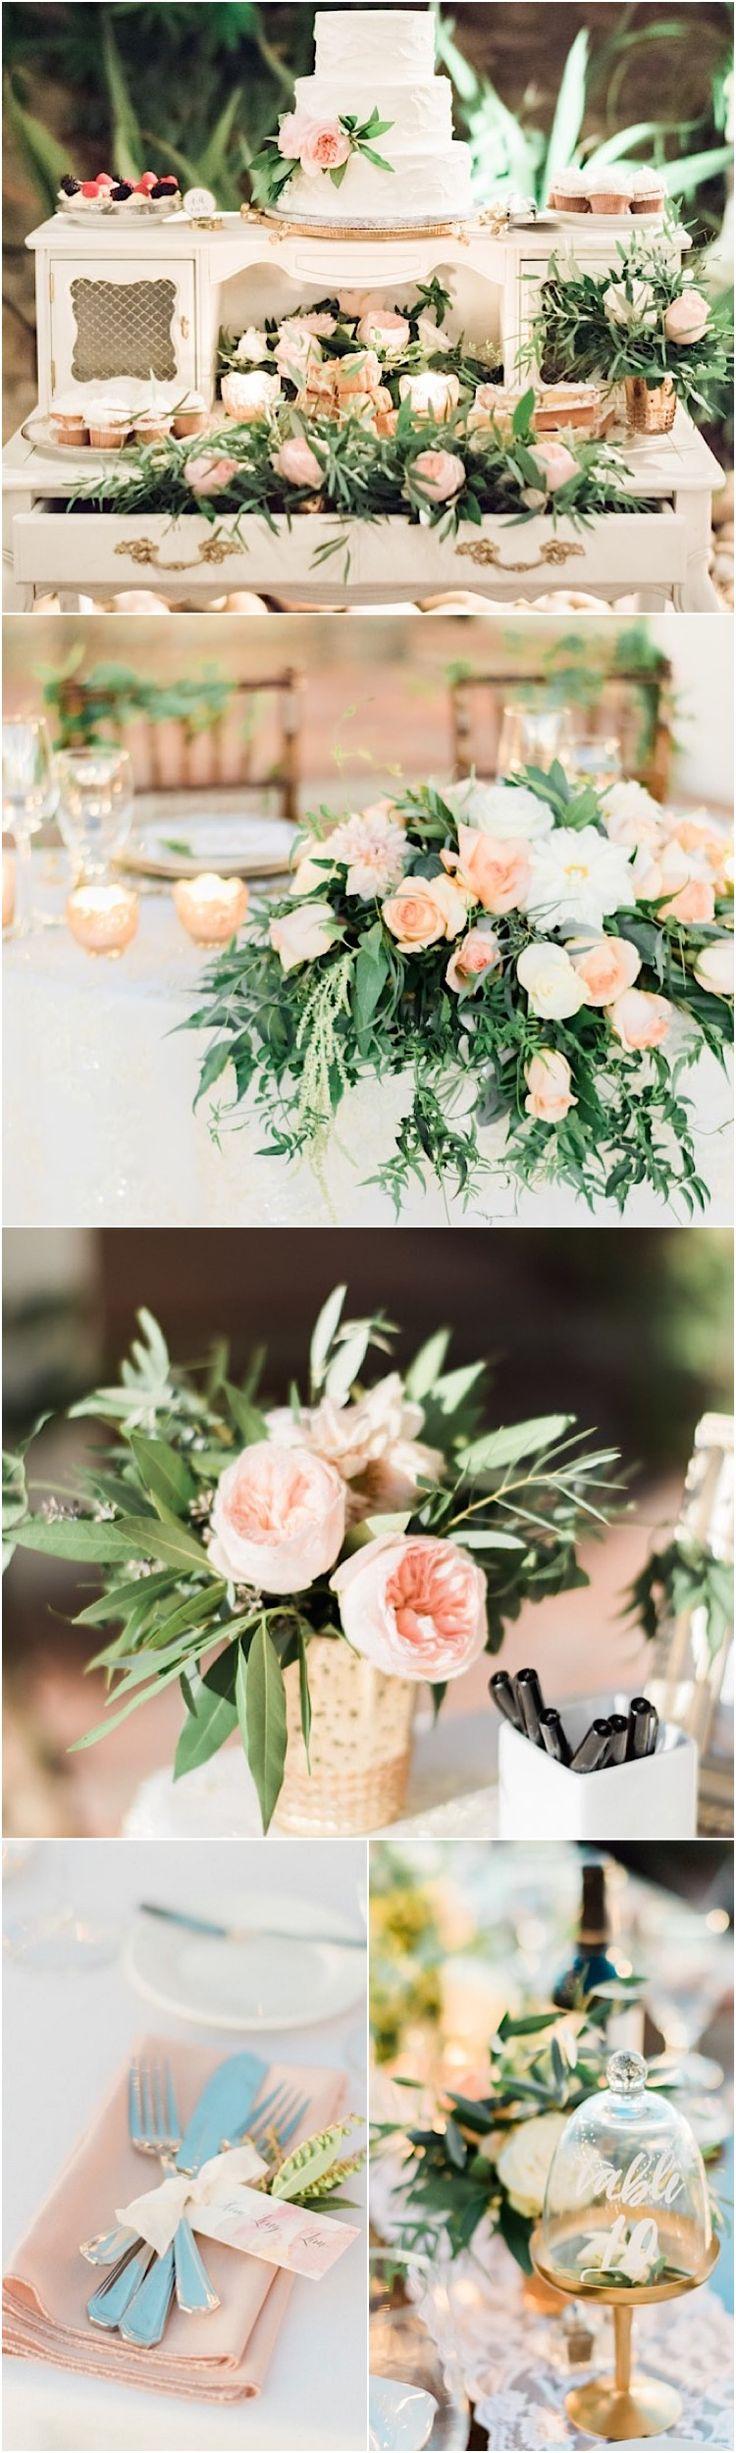 Blush wedding reception ideas; photo: Honey Honey Photography